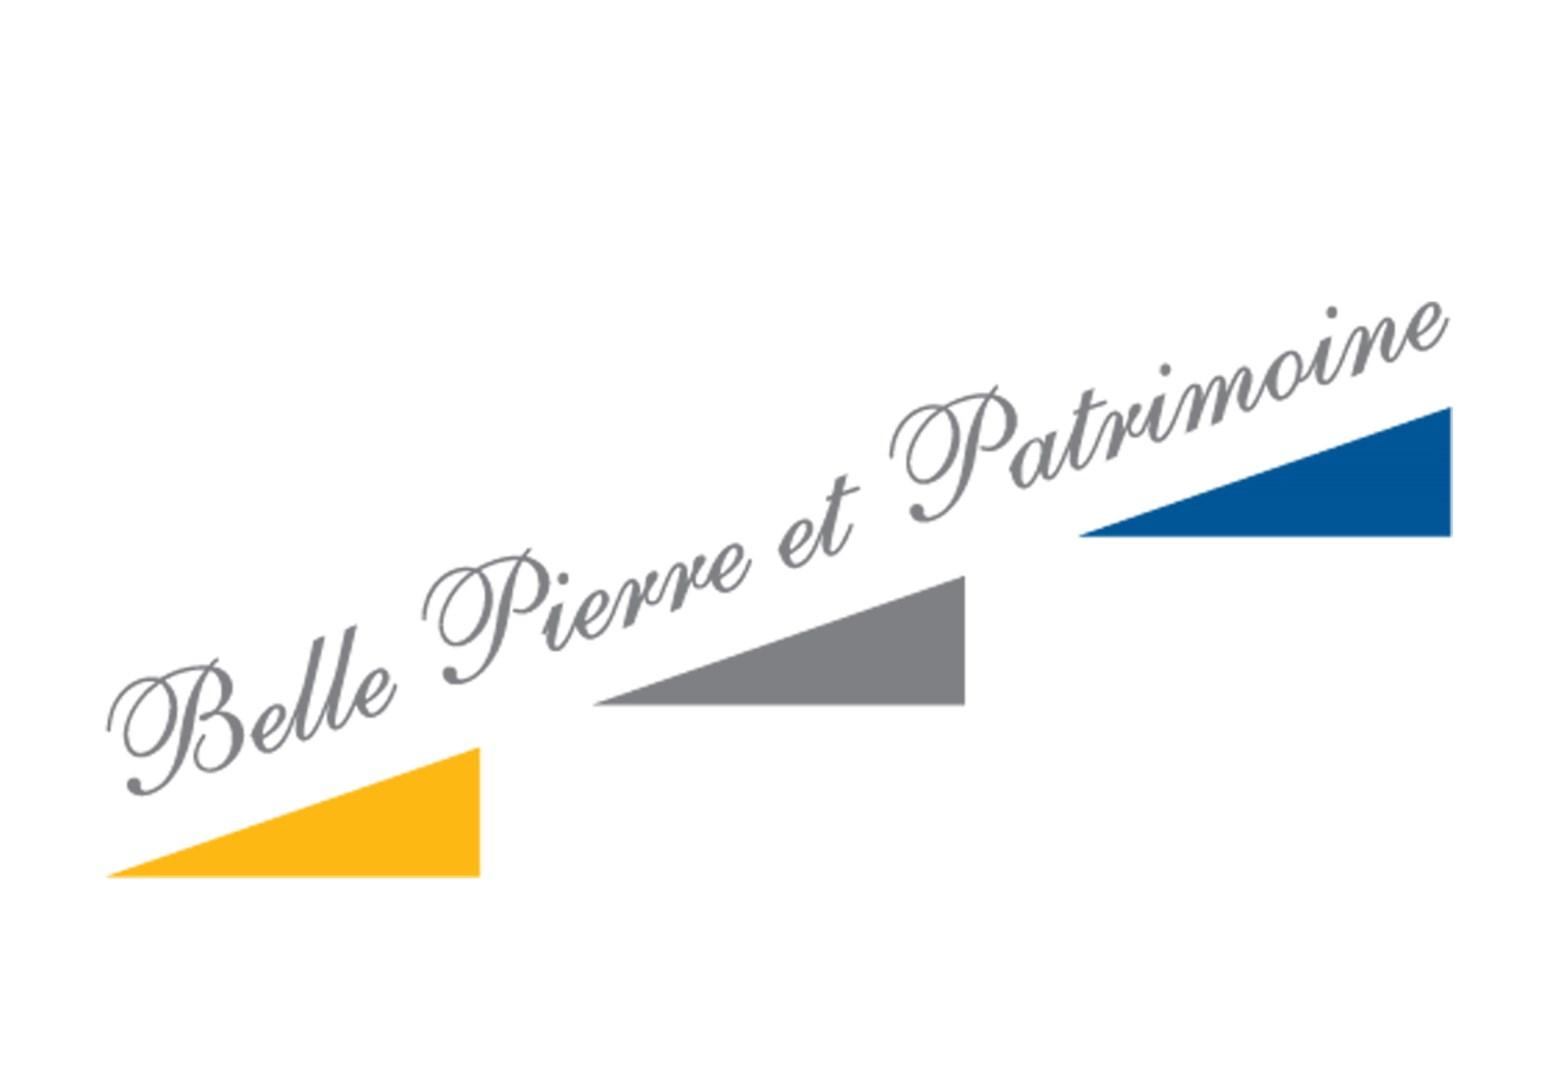 Belle Pierre et Patrimoine